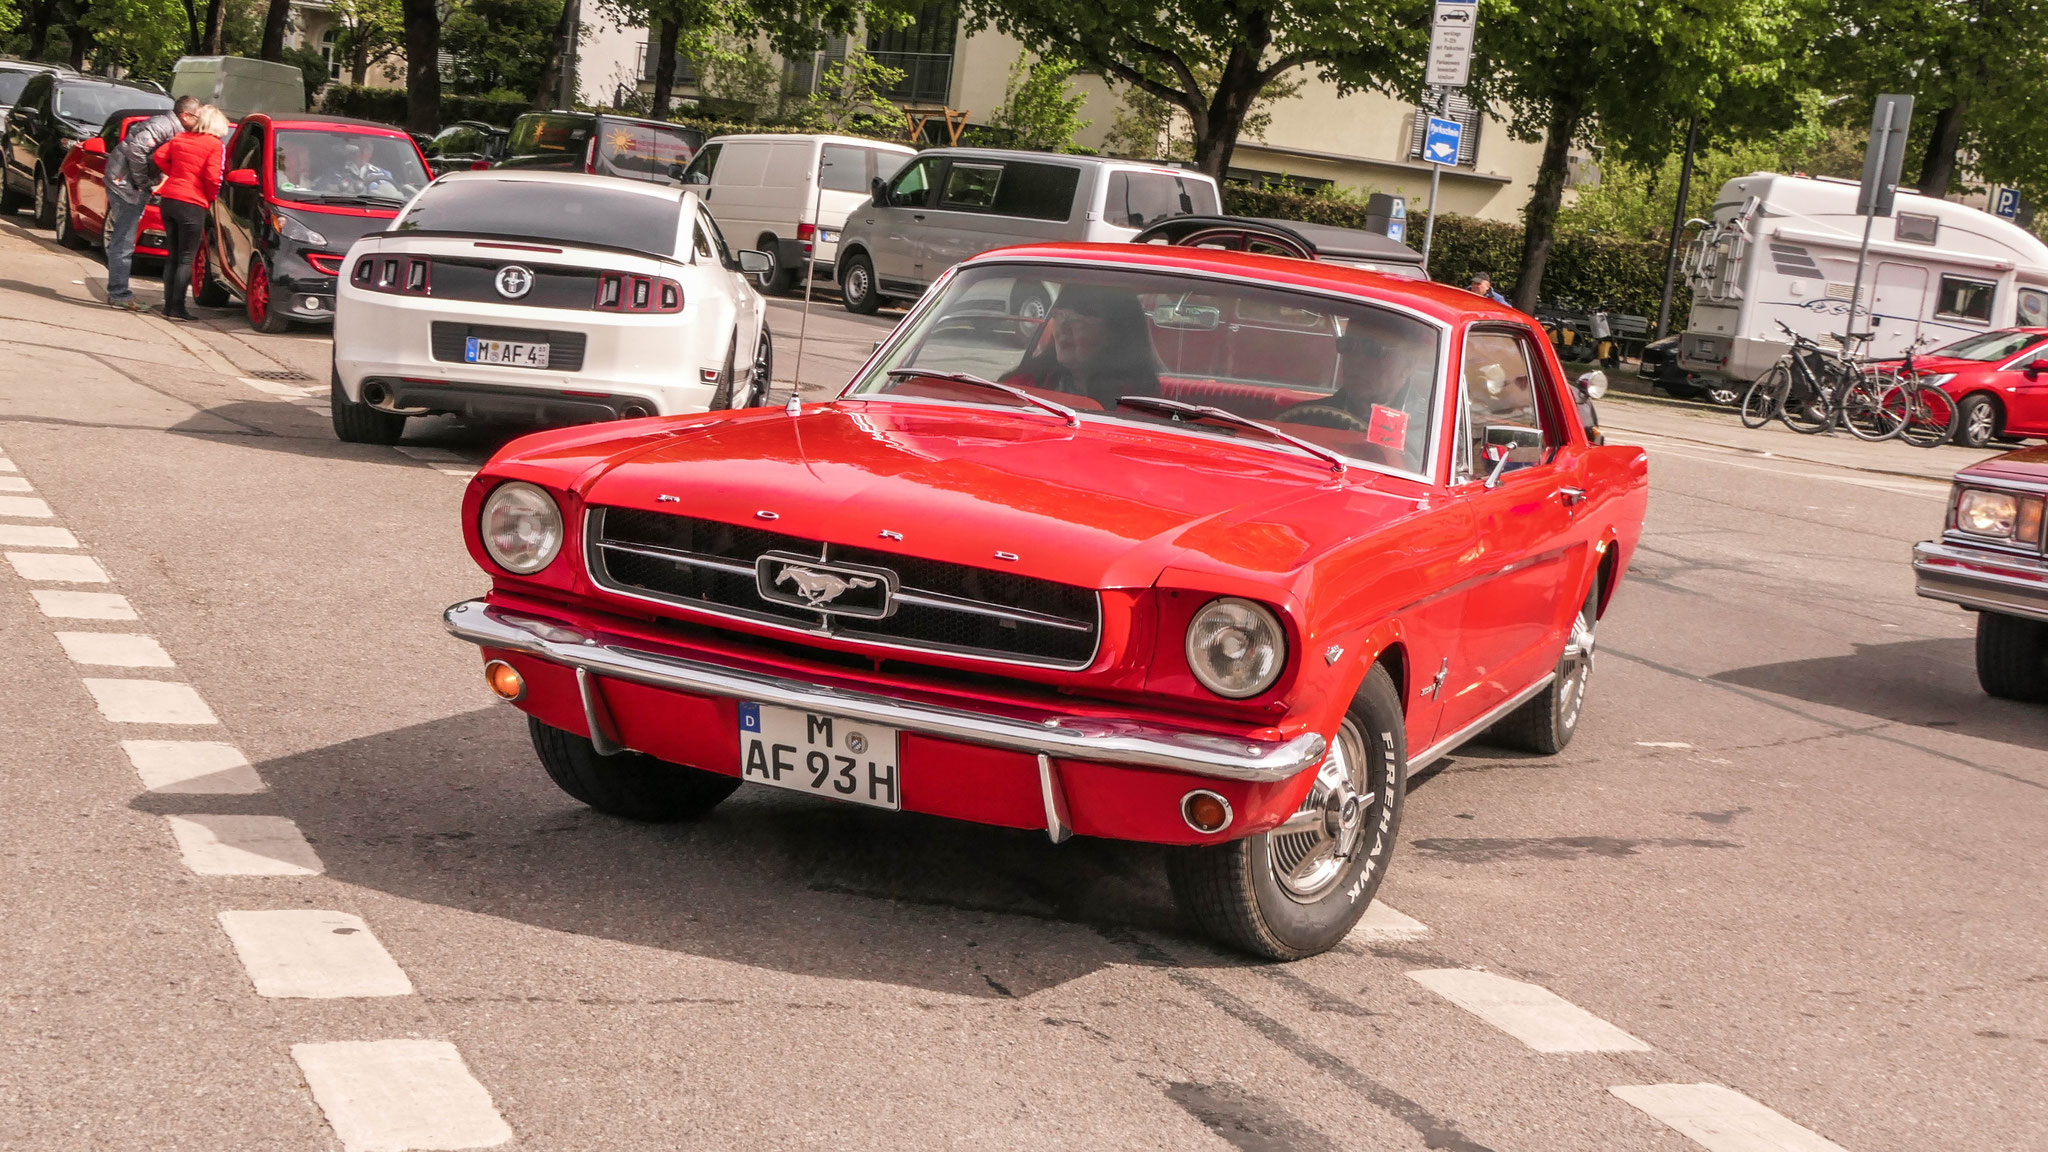 Mustang I - M-AF-93H